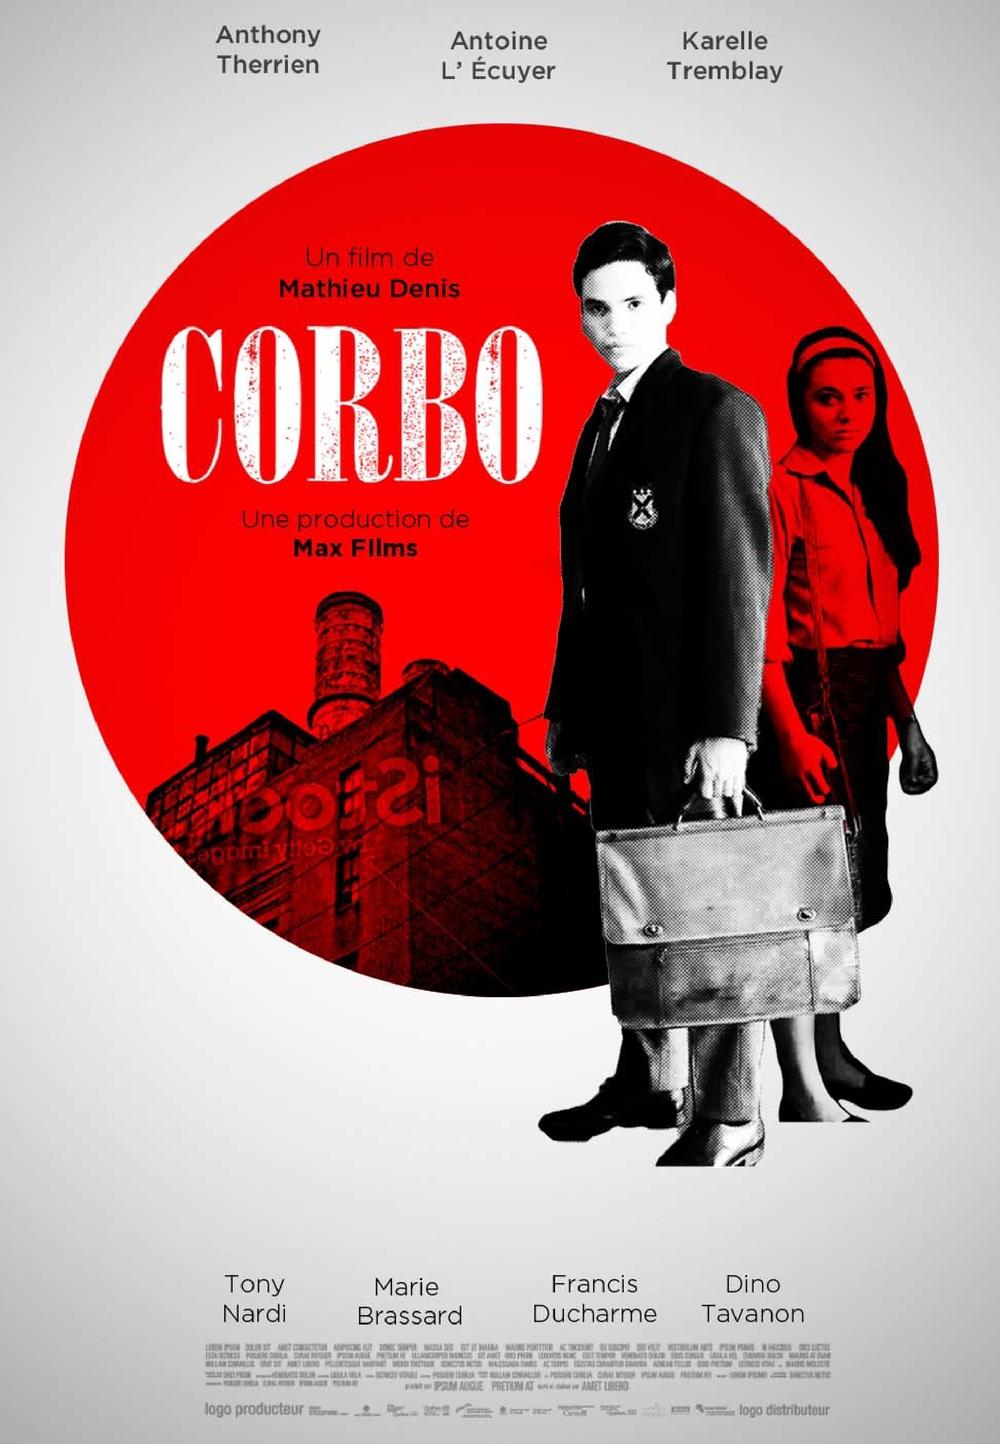 CORBO-Poster-RENZO-27oct_00010.jpg